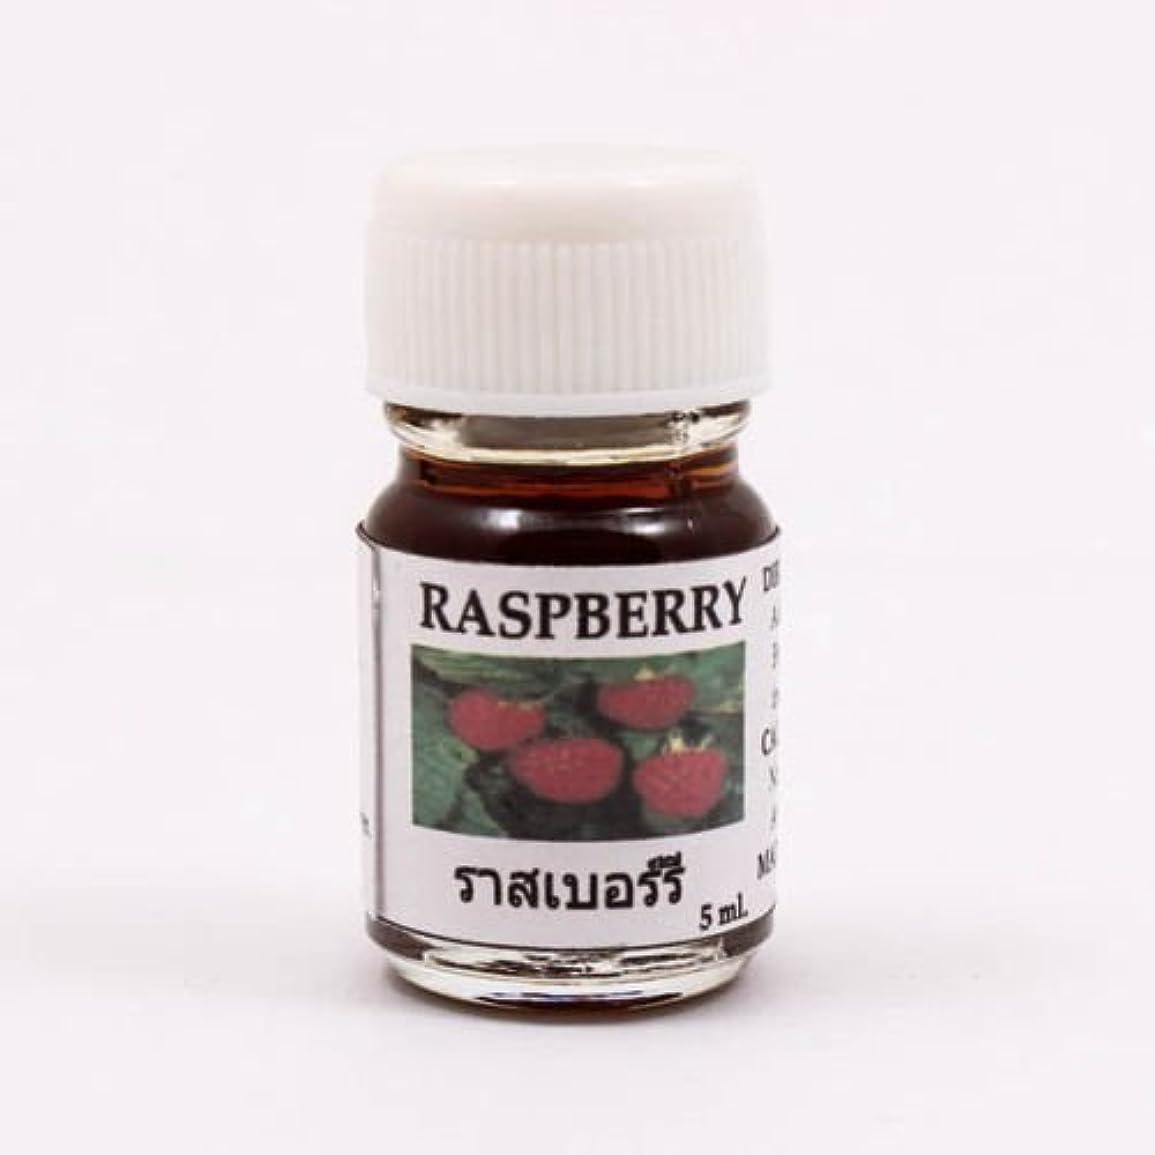 プロトタイプ慣性ファイアル6X Raspberry Aroma Fragrance Essential Oil 5ML cc Diffuser Burner Therapy